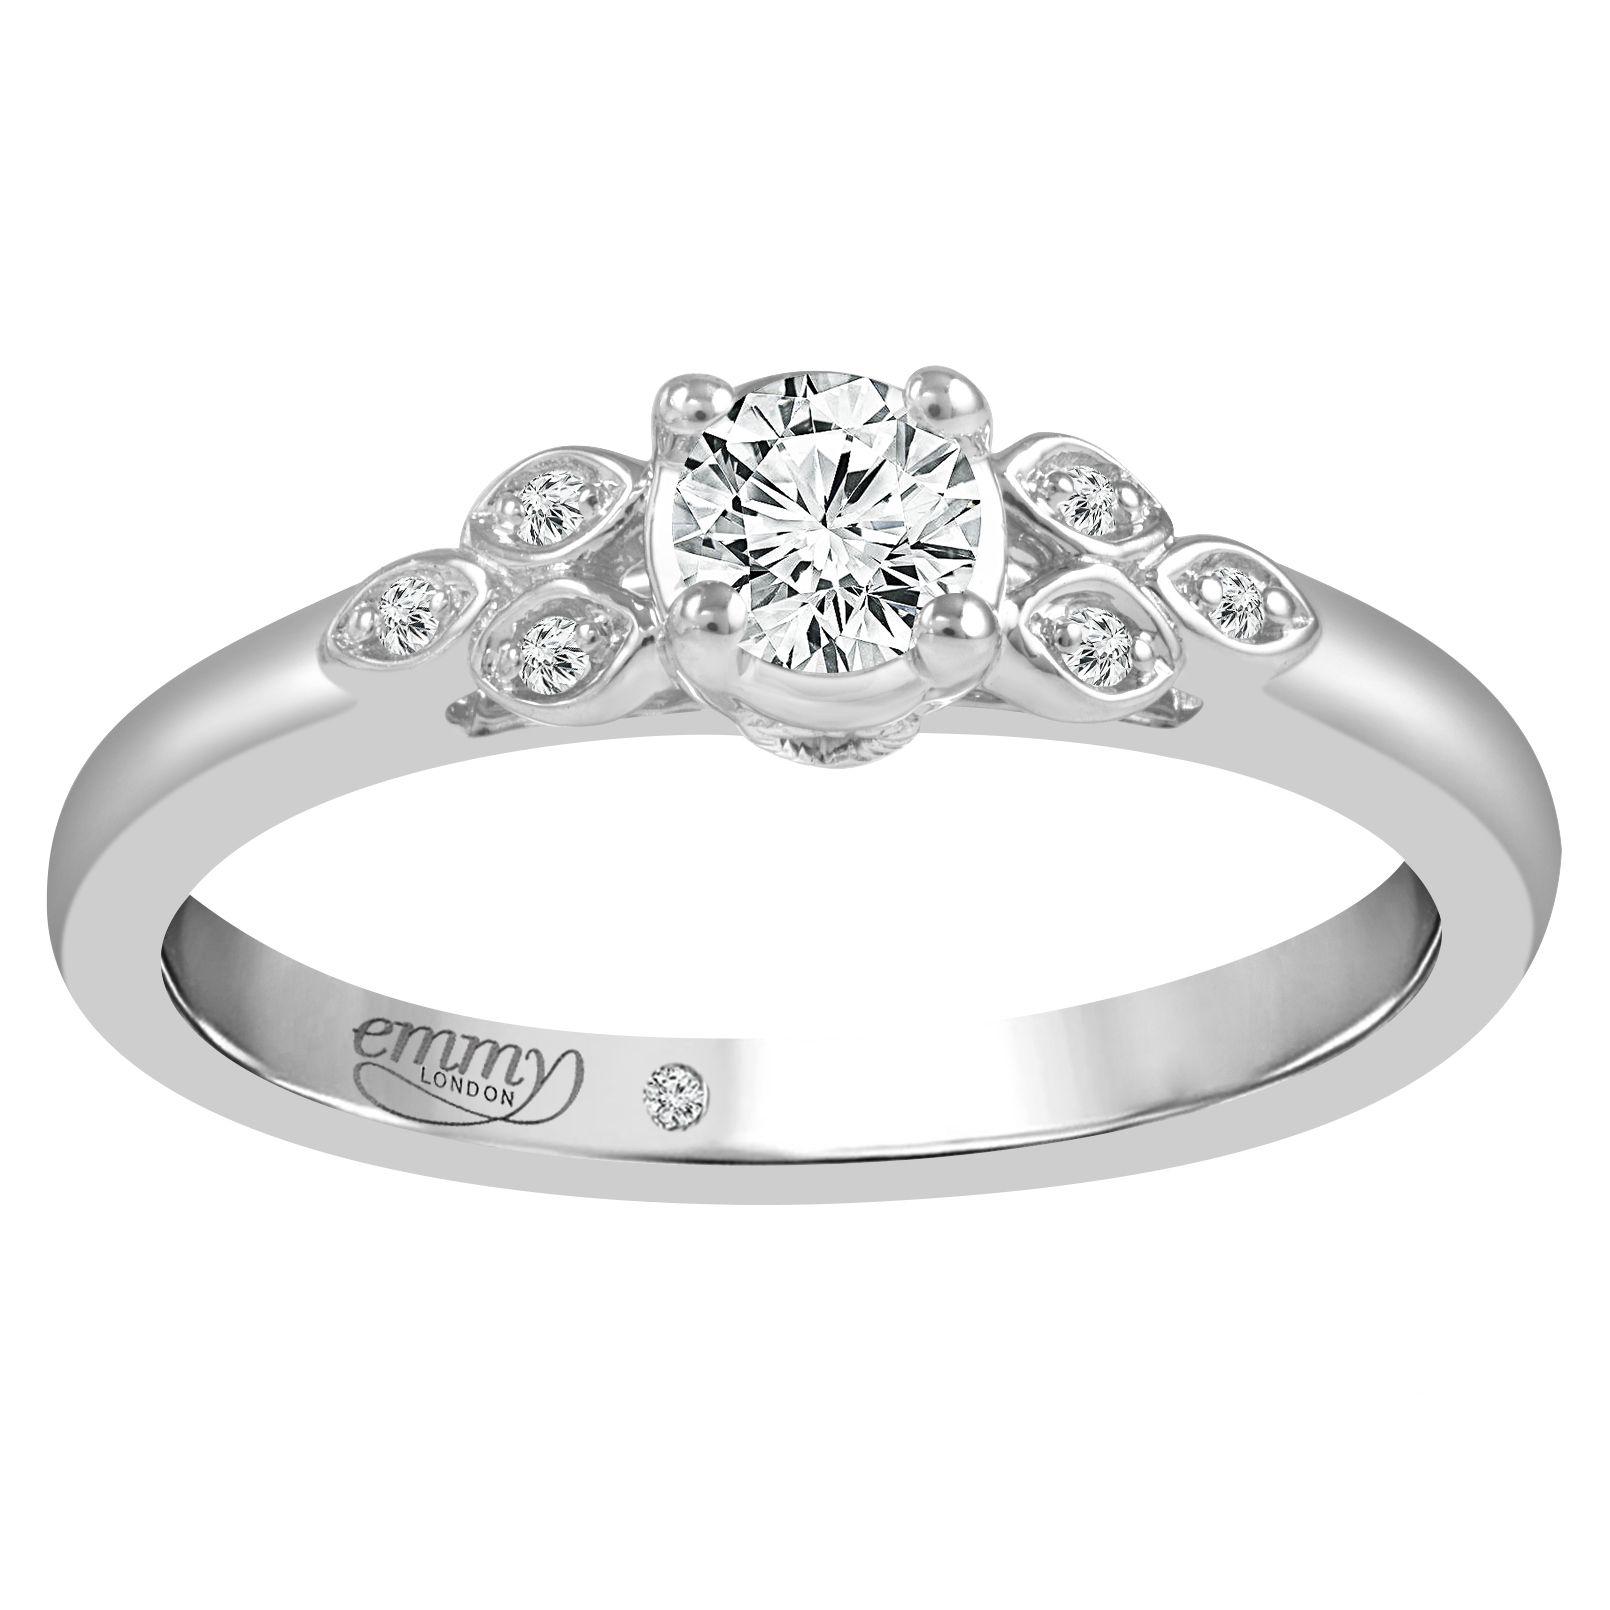 Emmy London Palladium 1 5 Carat Diamond Ring 5 Carat Diamond Ring Diamond Ring Diamond